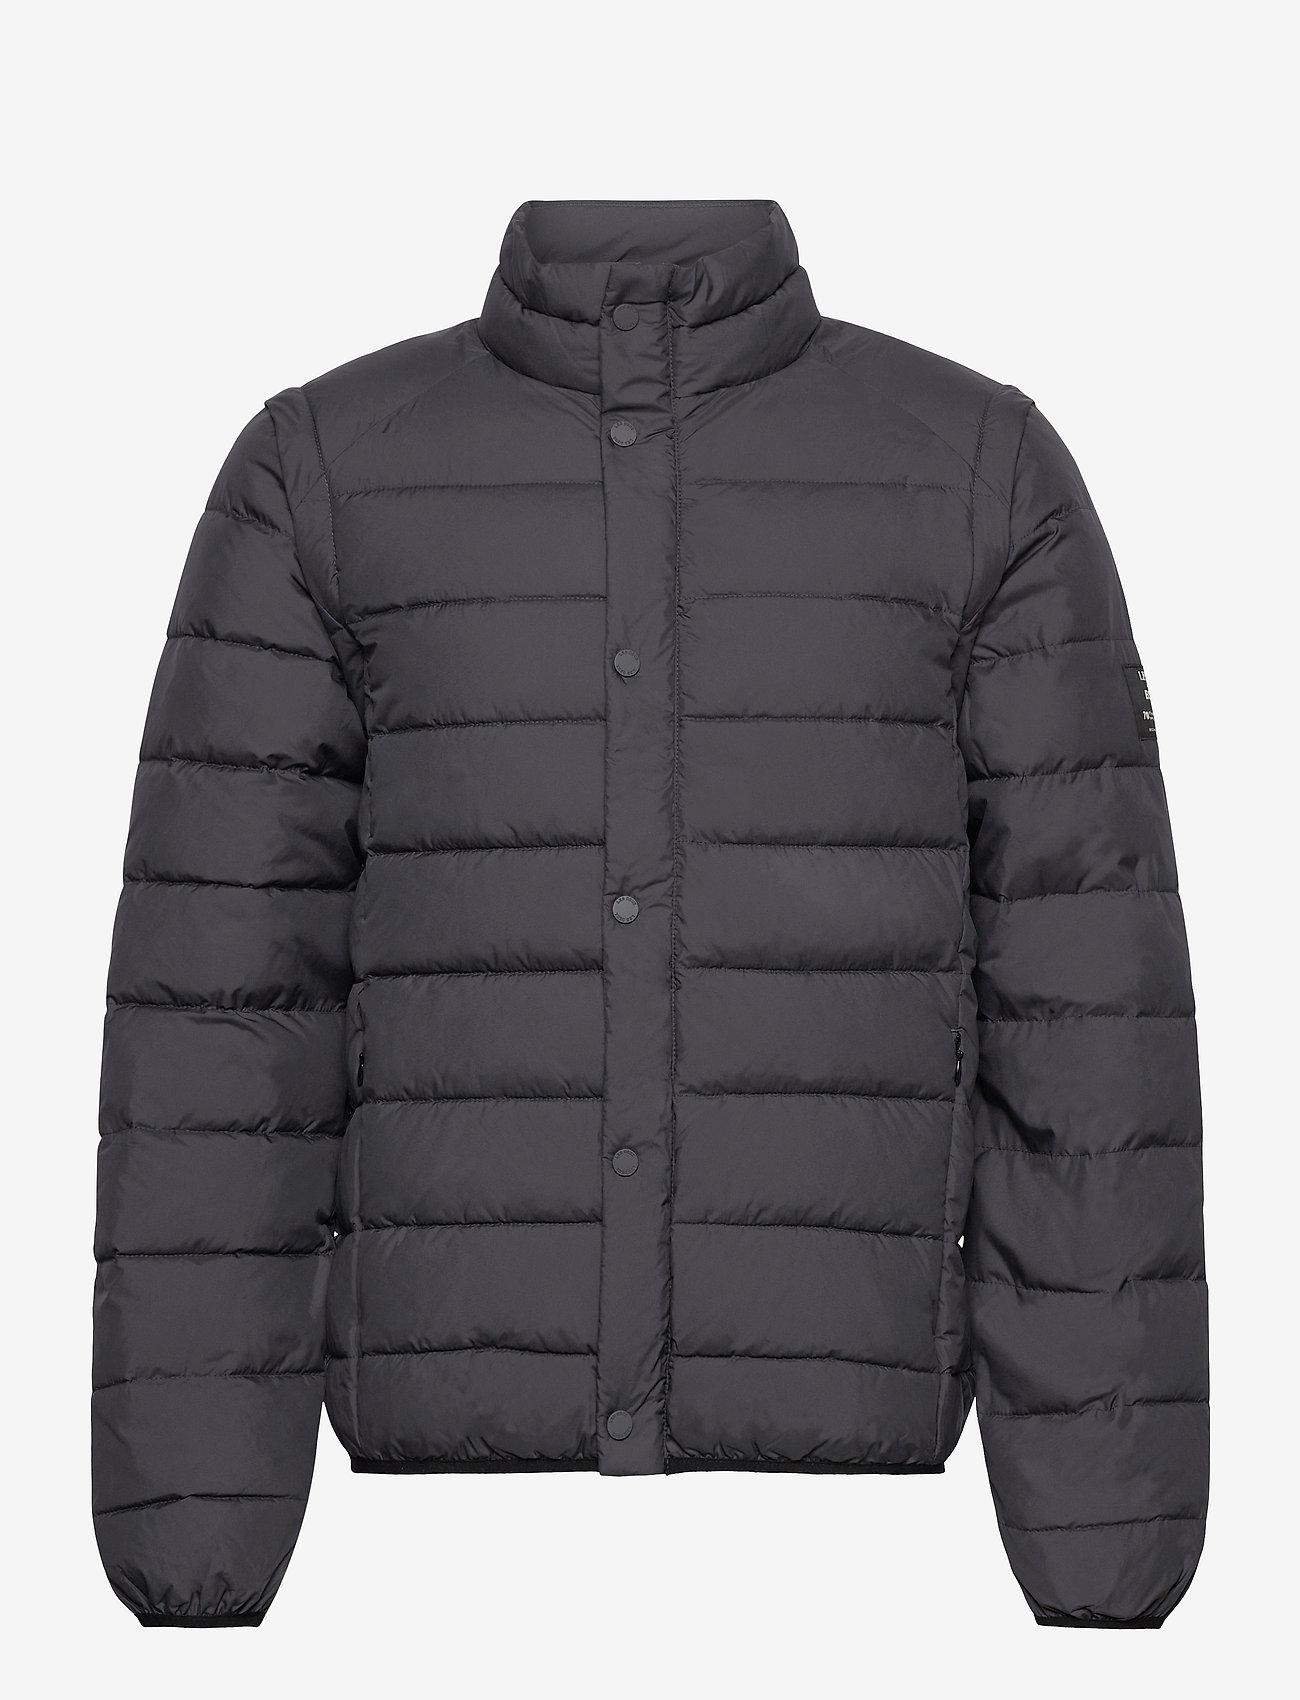 Les Deux - Vermont Jacket - ECOALF X LES DEUX - donsjassen - charcoal - 0